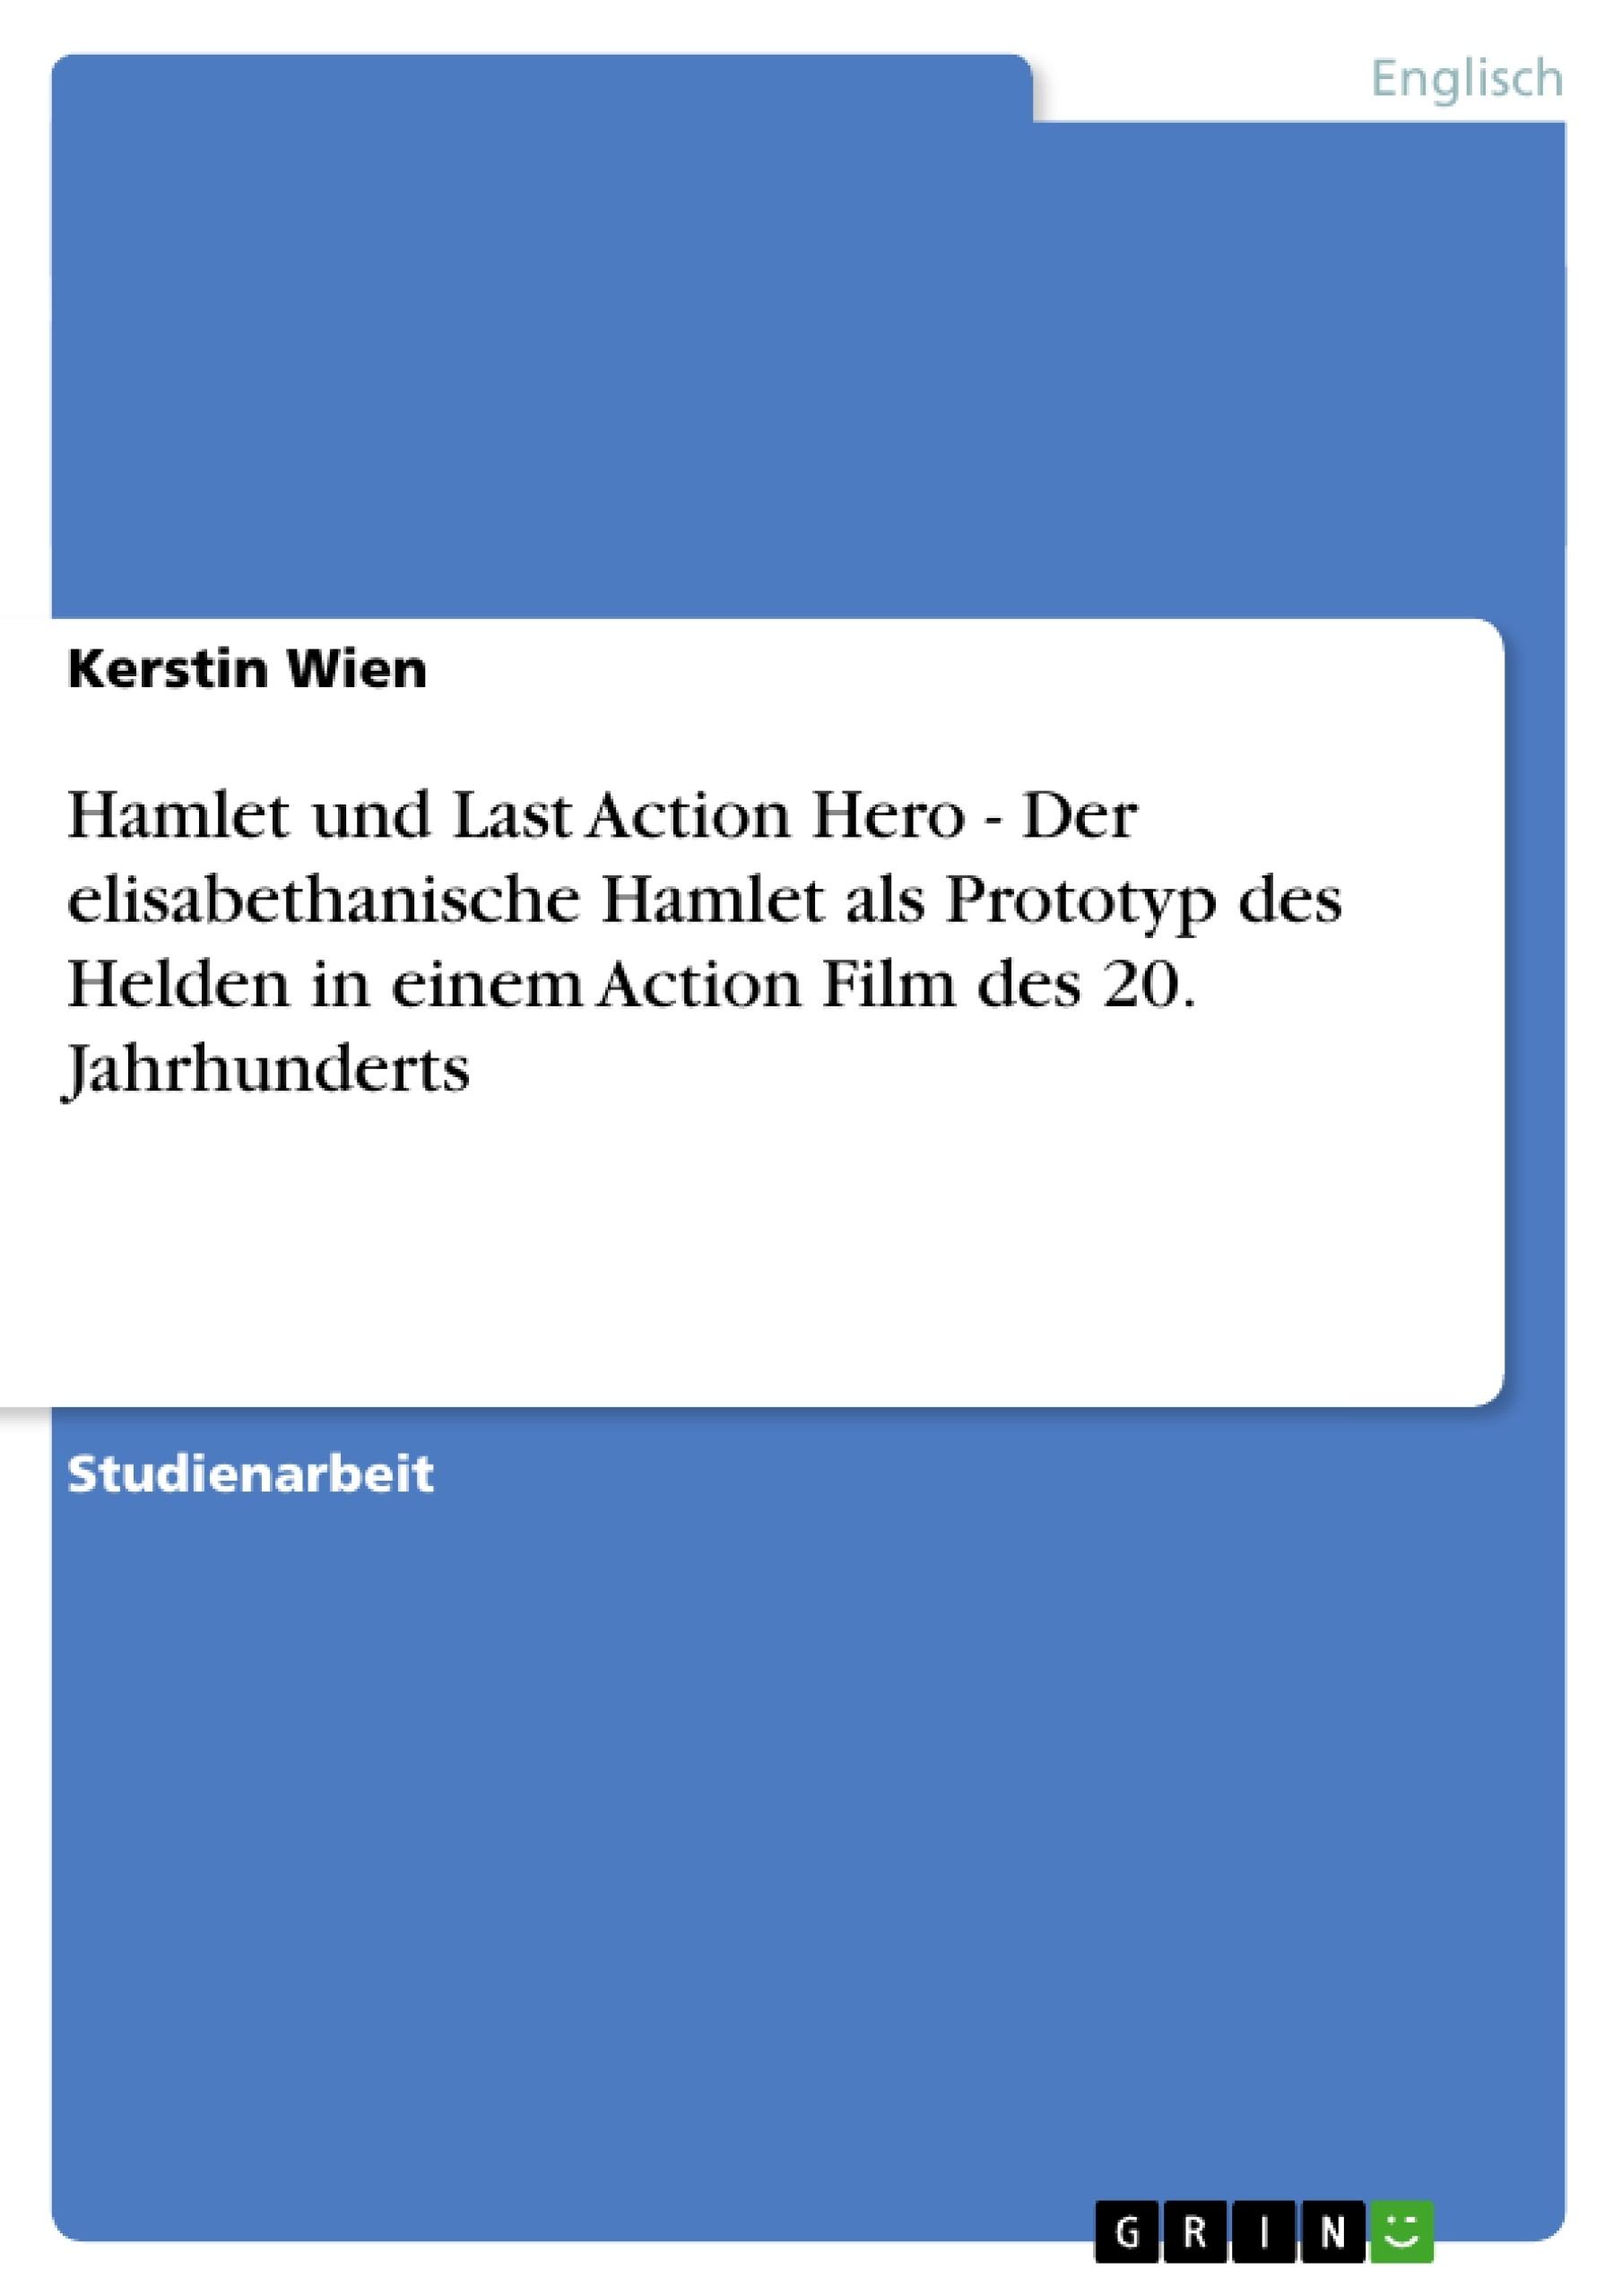 Titel: Hamlet und  Last Action Hero  - Der elisabethanische  Hamlet  als Prototyp des Helden in einem Action Film des 20. Jahrhunderts